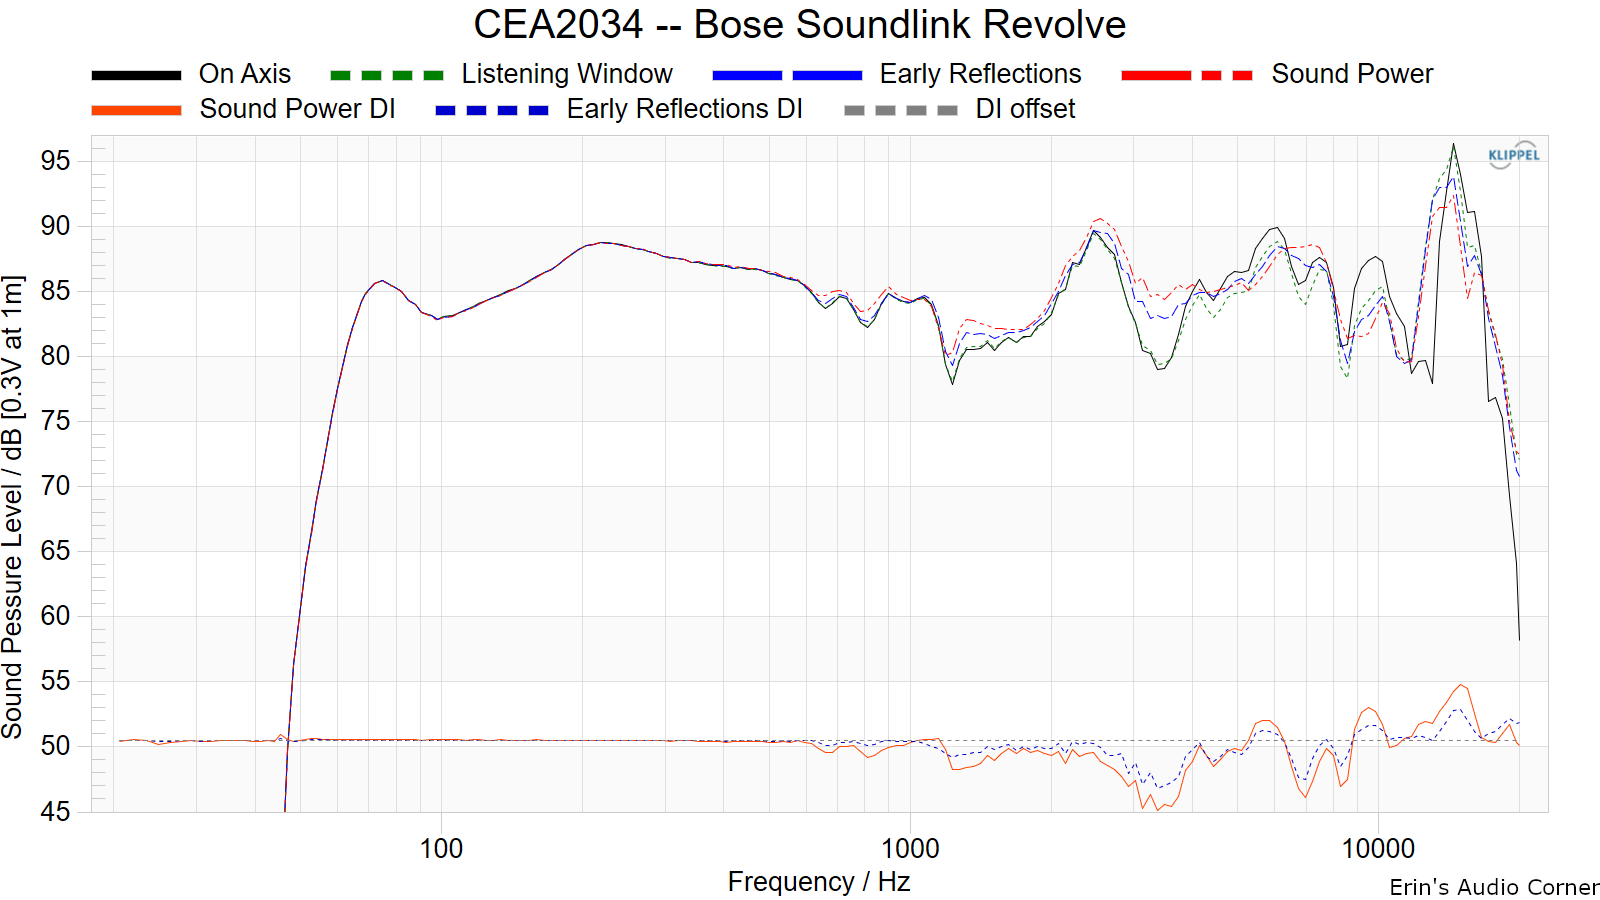 CEA2034%20--%20Bose%20SoundLink%20Revolve.png